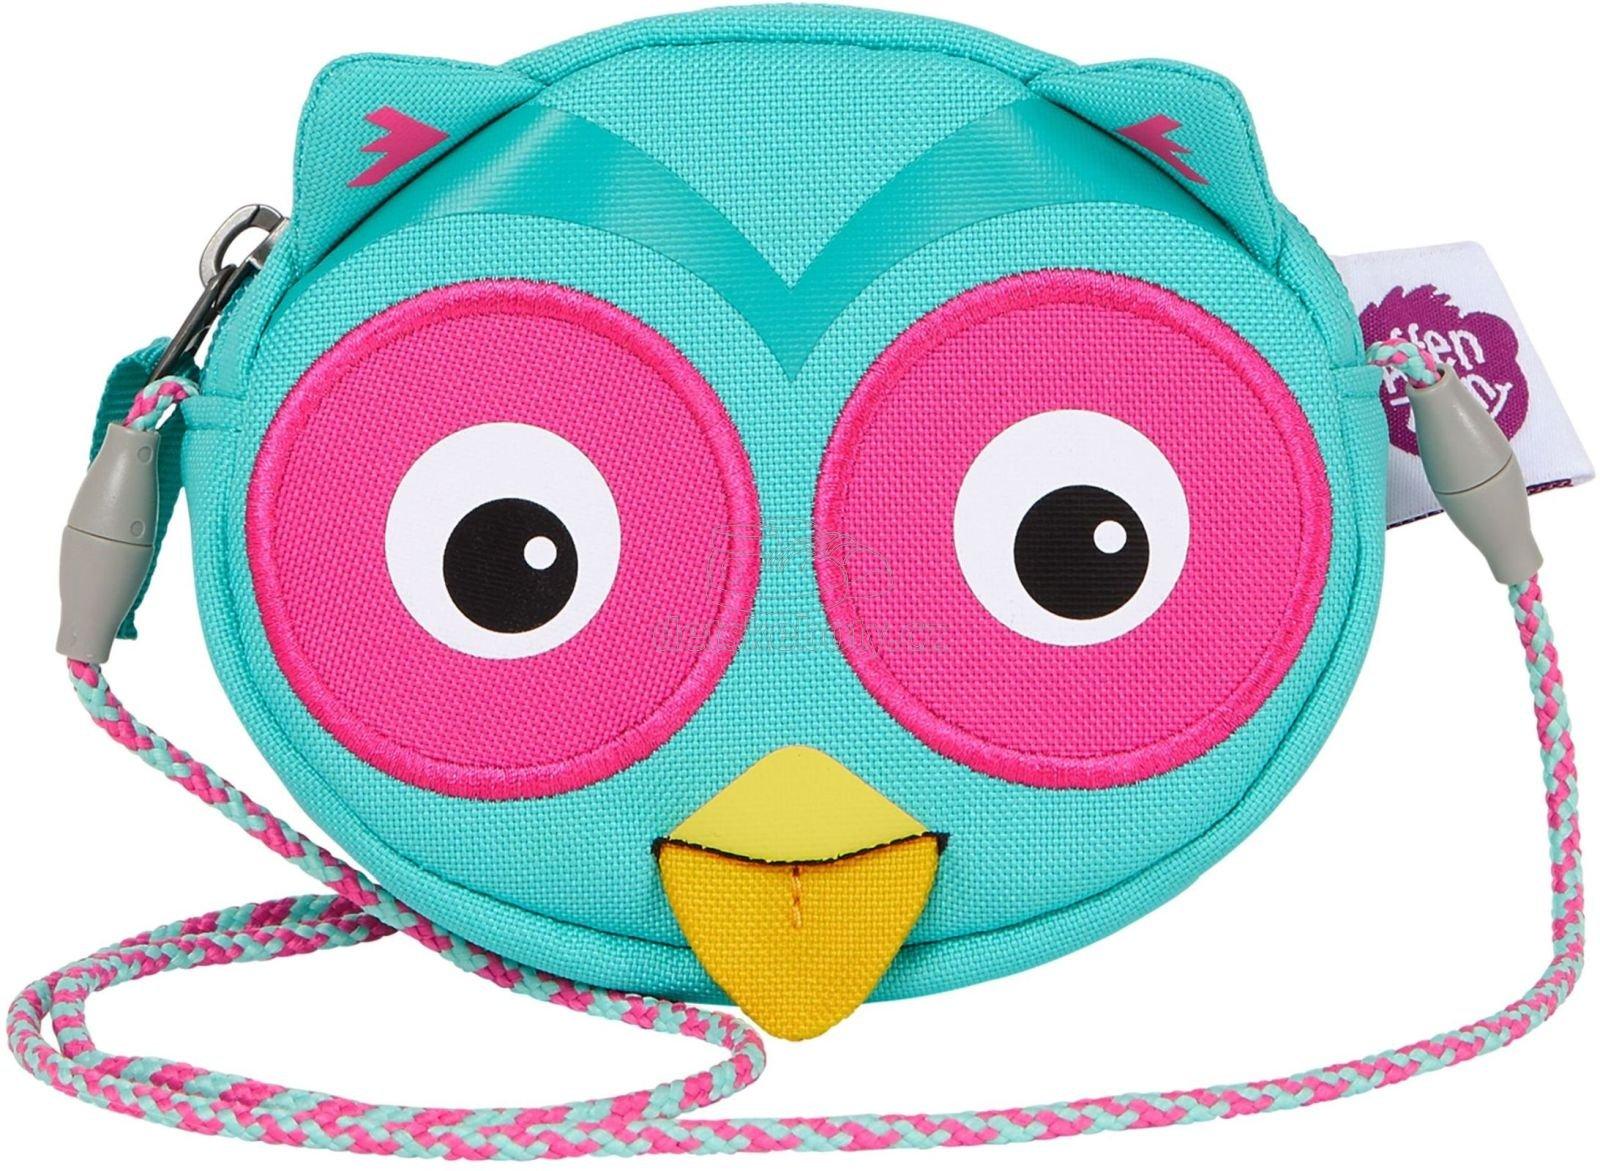 Gyerek kézitáska Affenzahn Wallet - Olivia Owl - turquoise